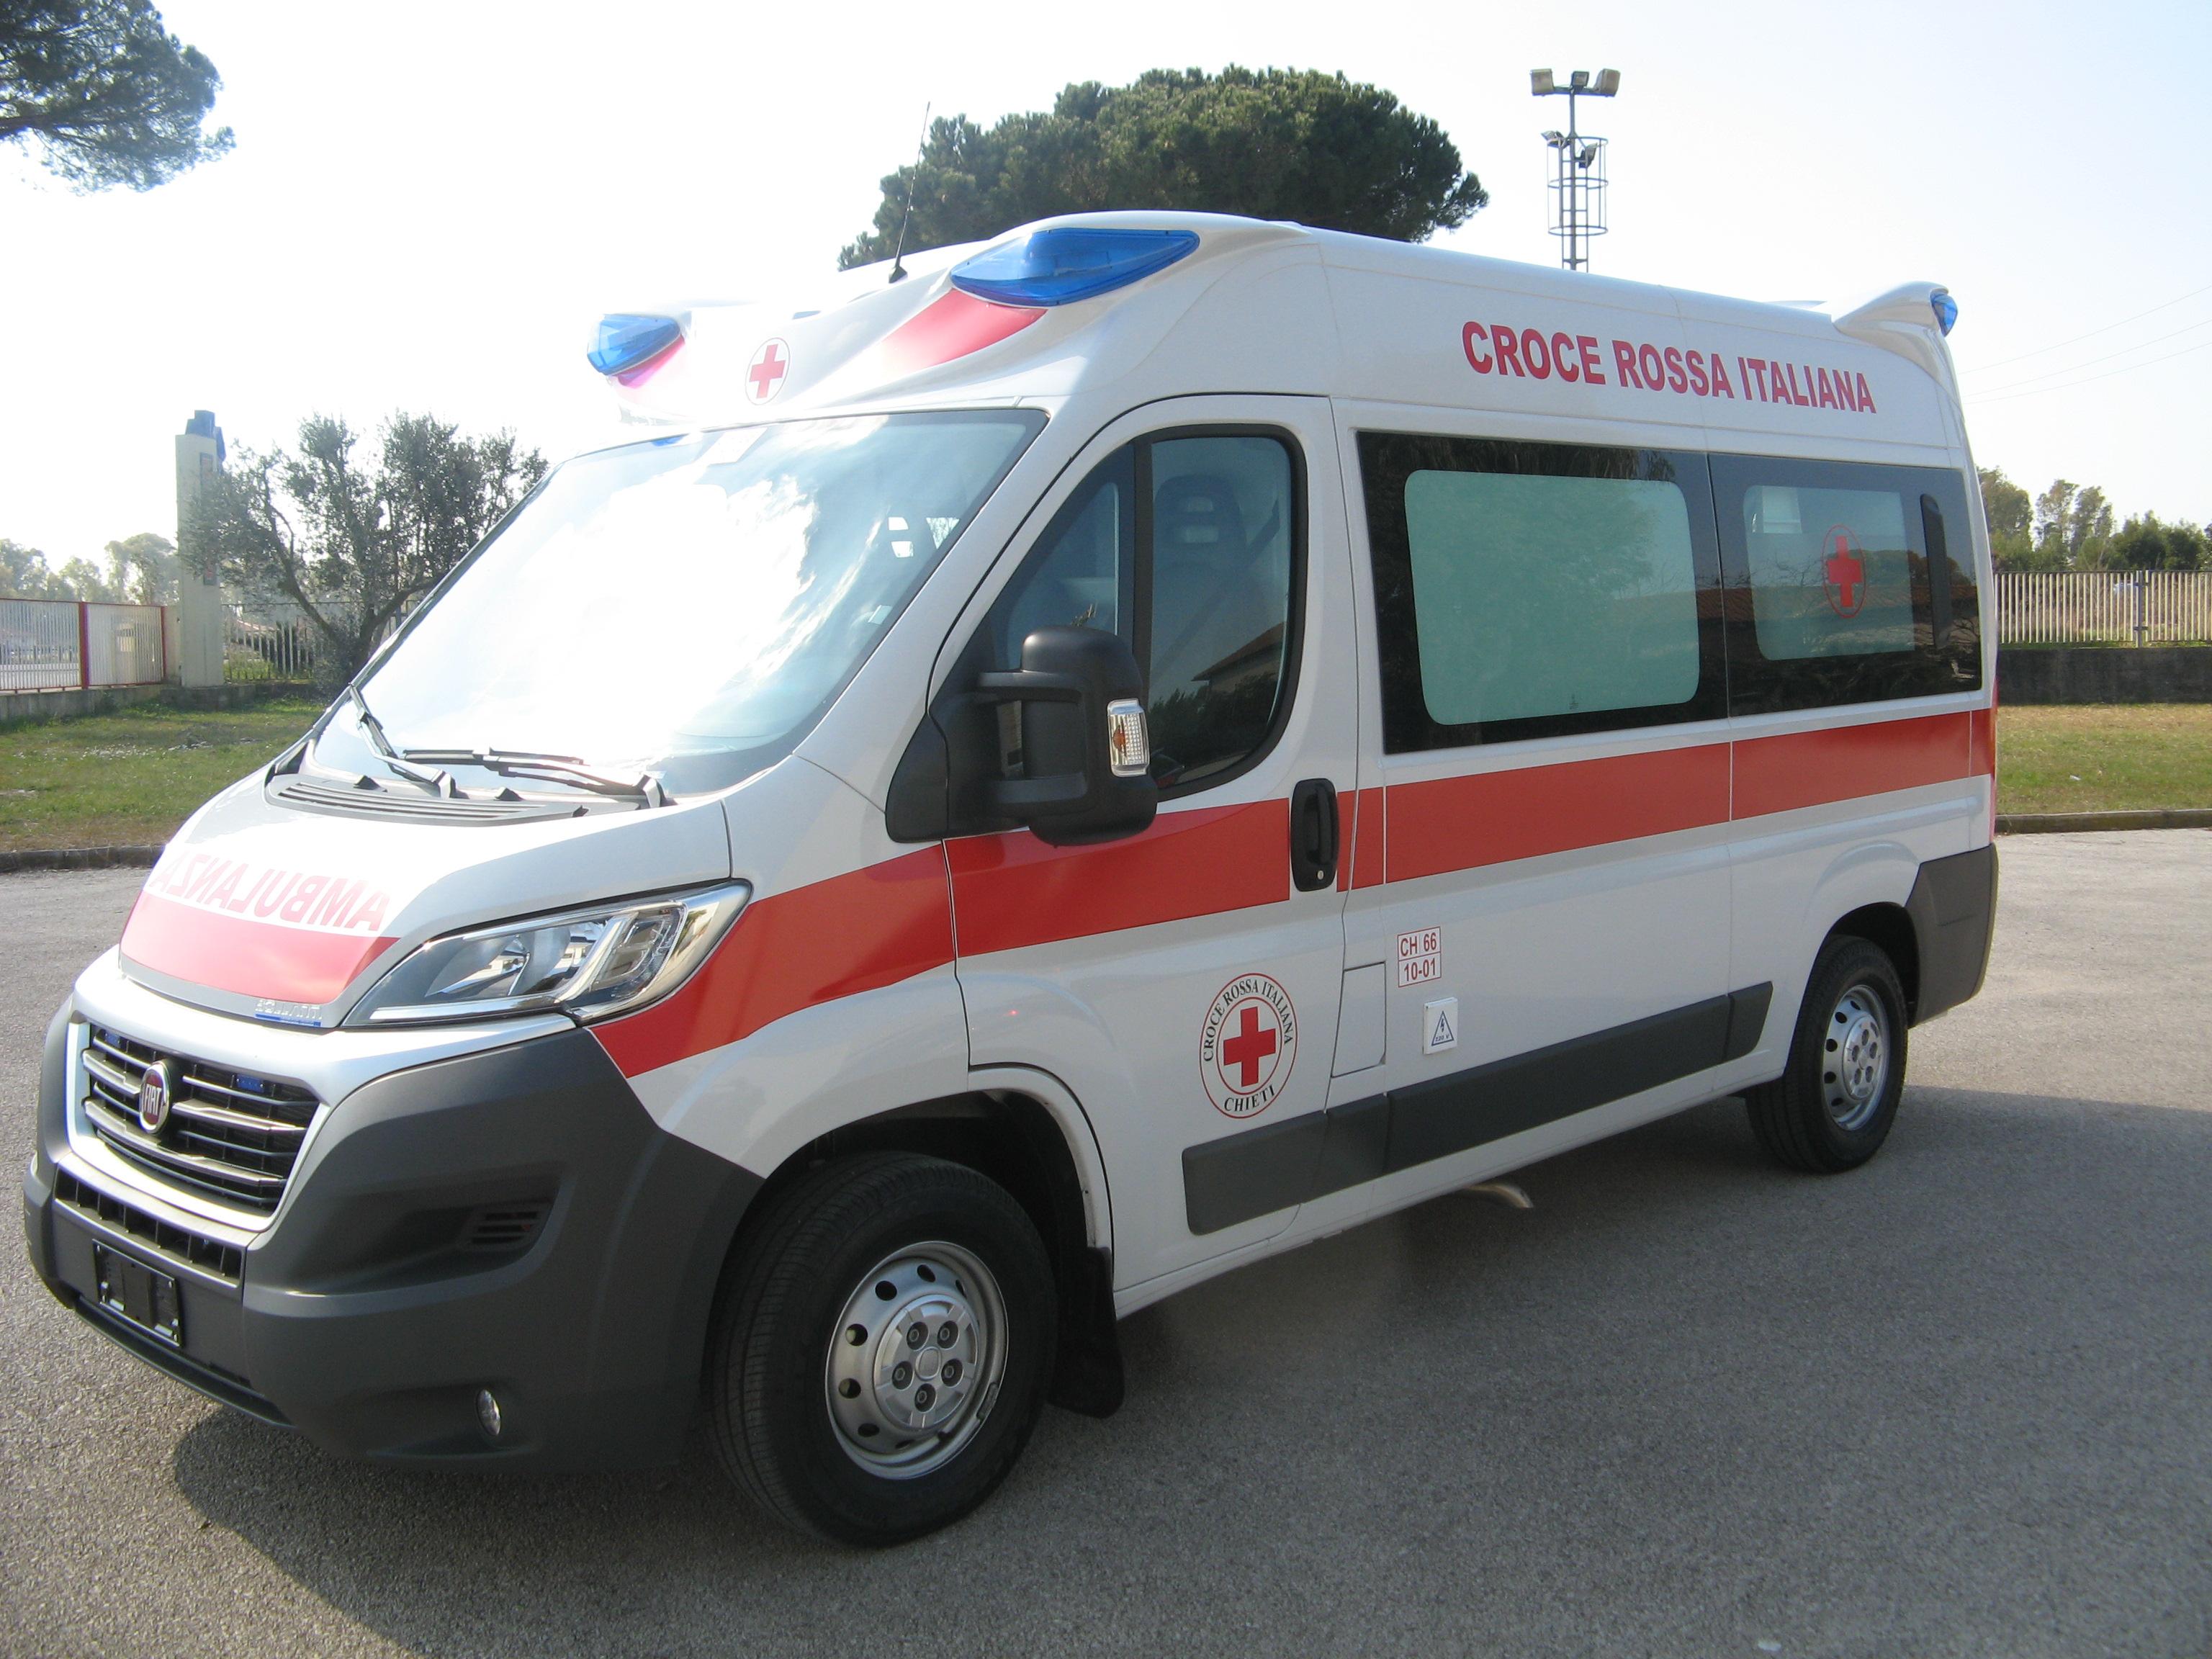 Risultati immagini per croce rossa italiana